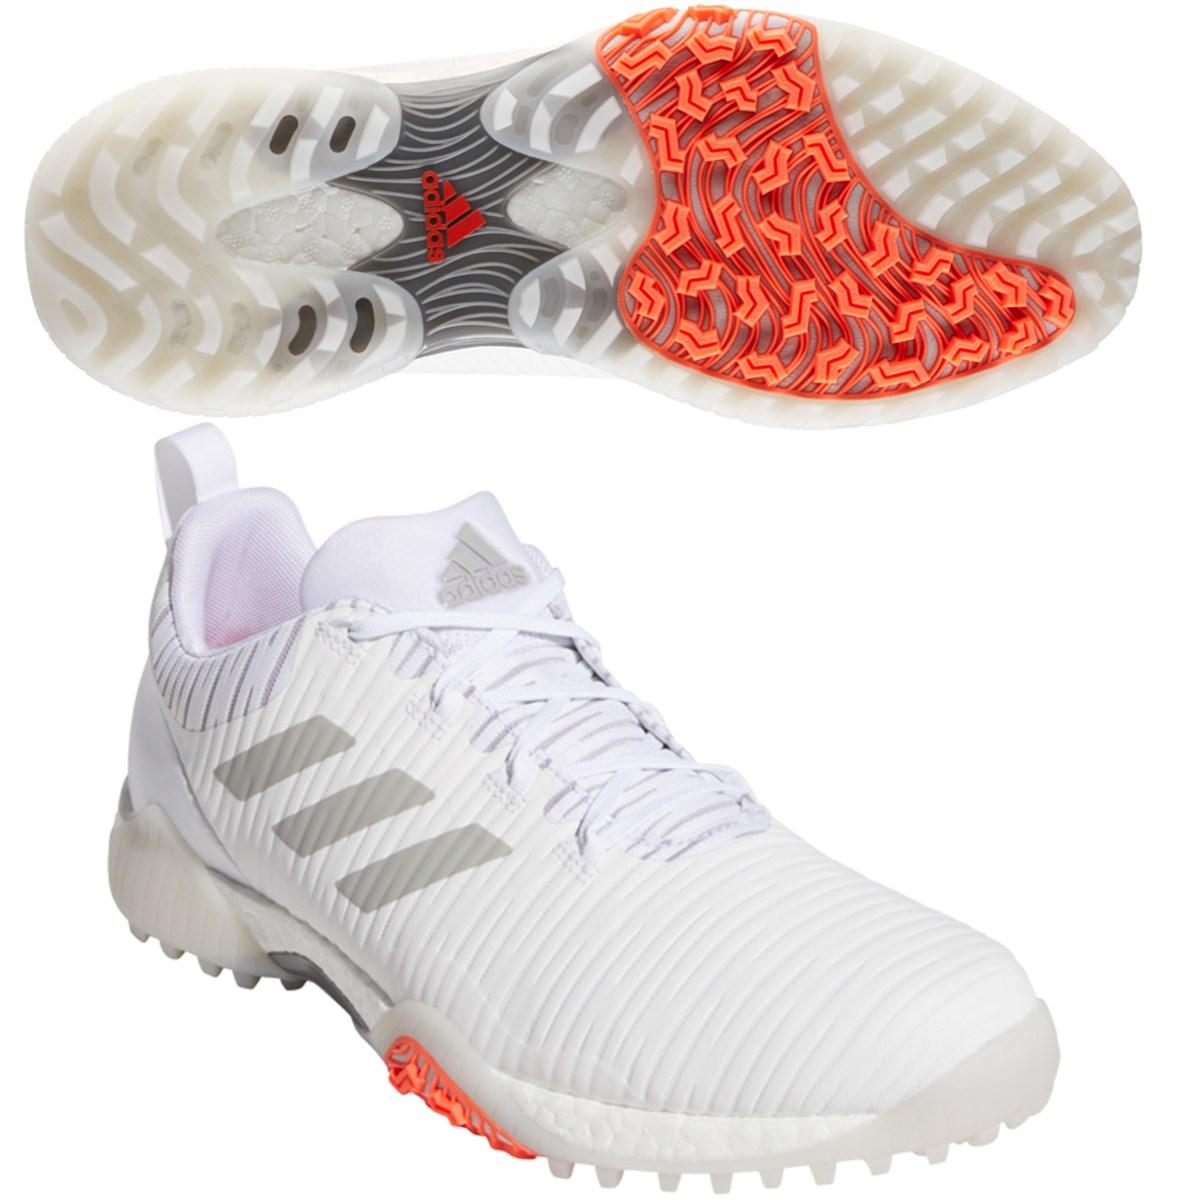 アディダス Adidas コードカオス シューズ 26.5cm ホワイト/メタルグレー/ライトソリッドグレー